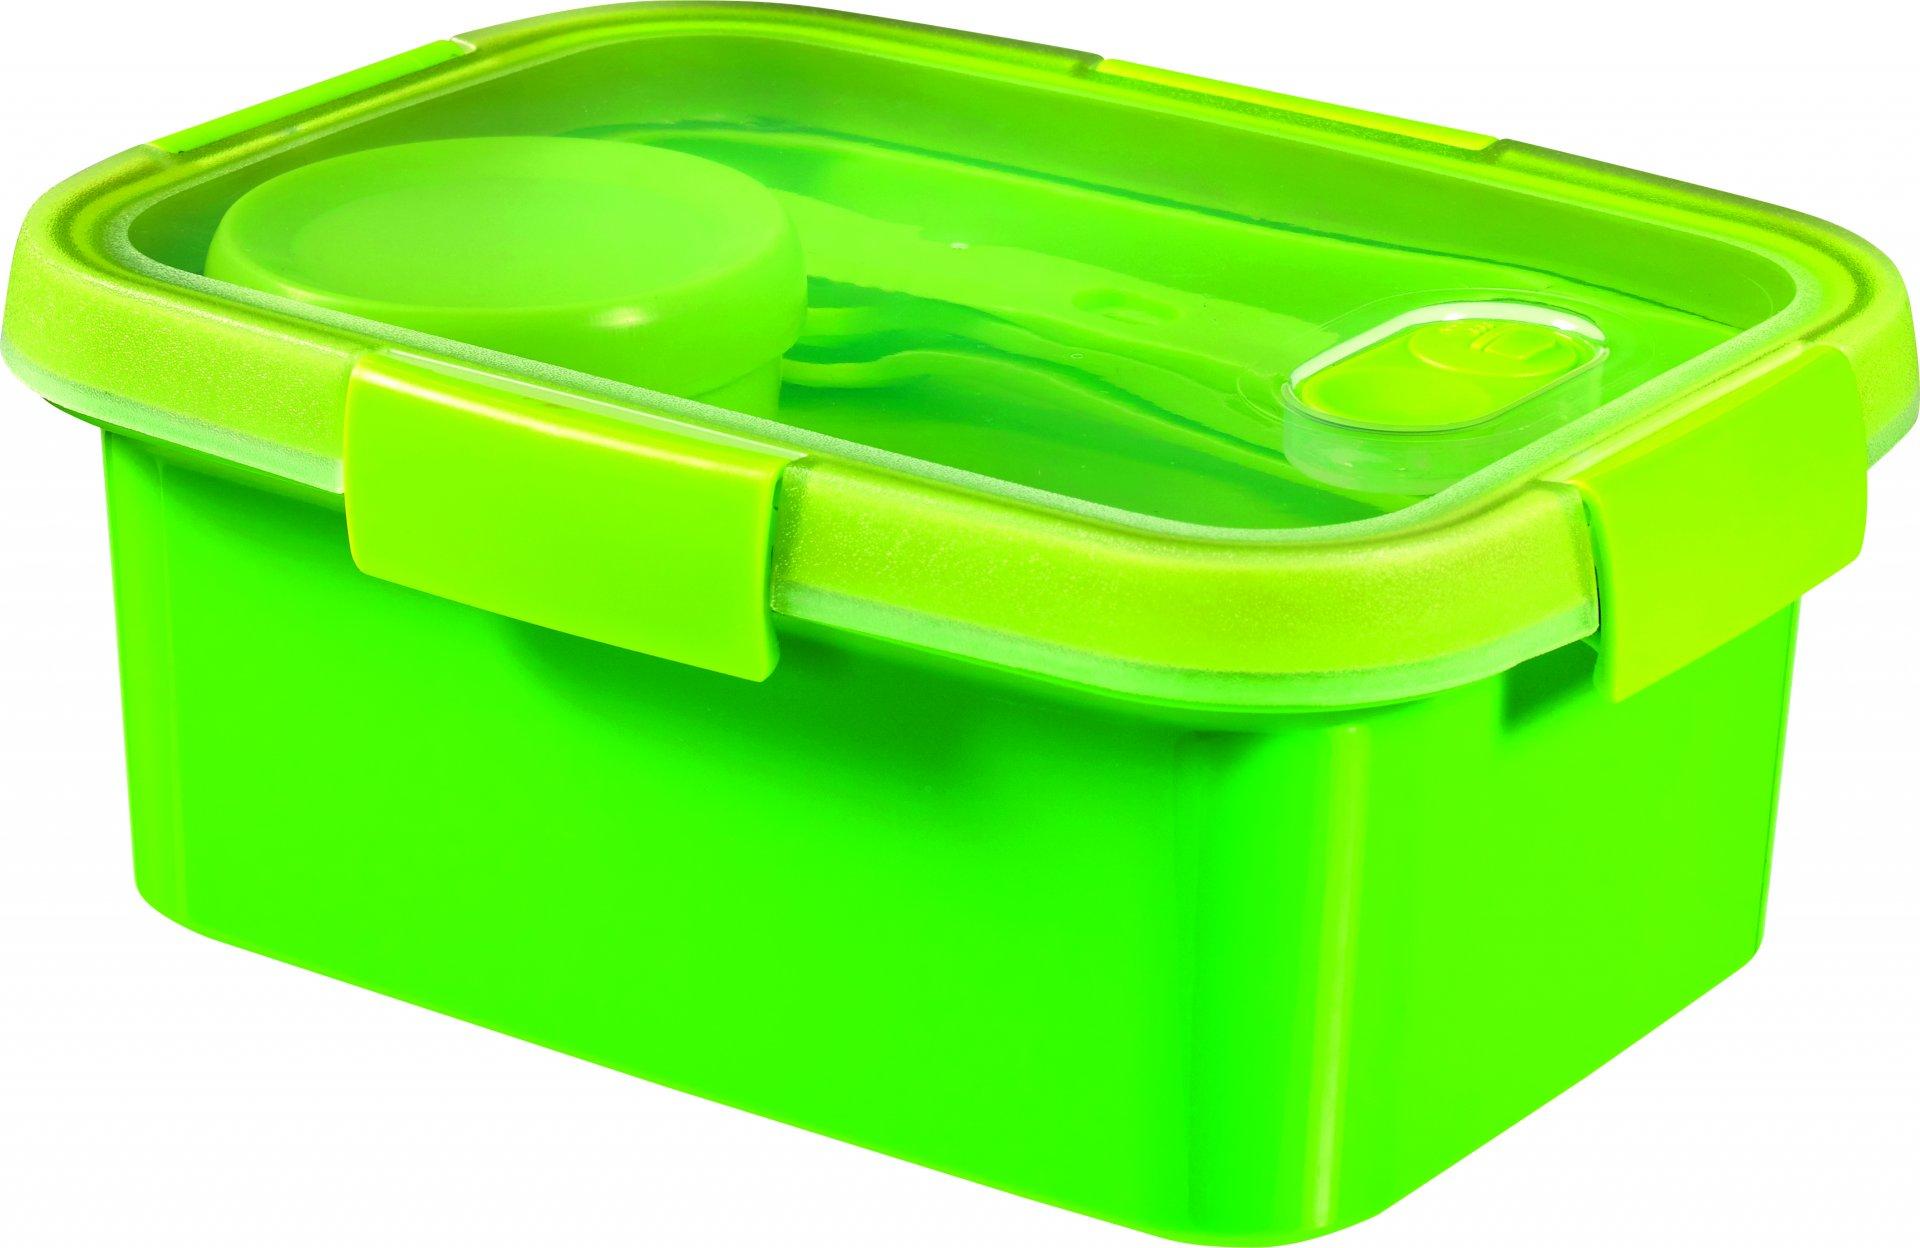 Curver dóza SMART TO GO 1,2l s příborem, mističkou a táckem zelená